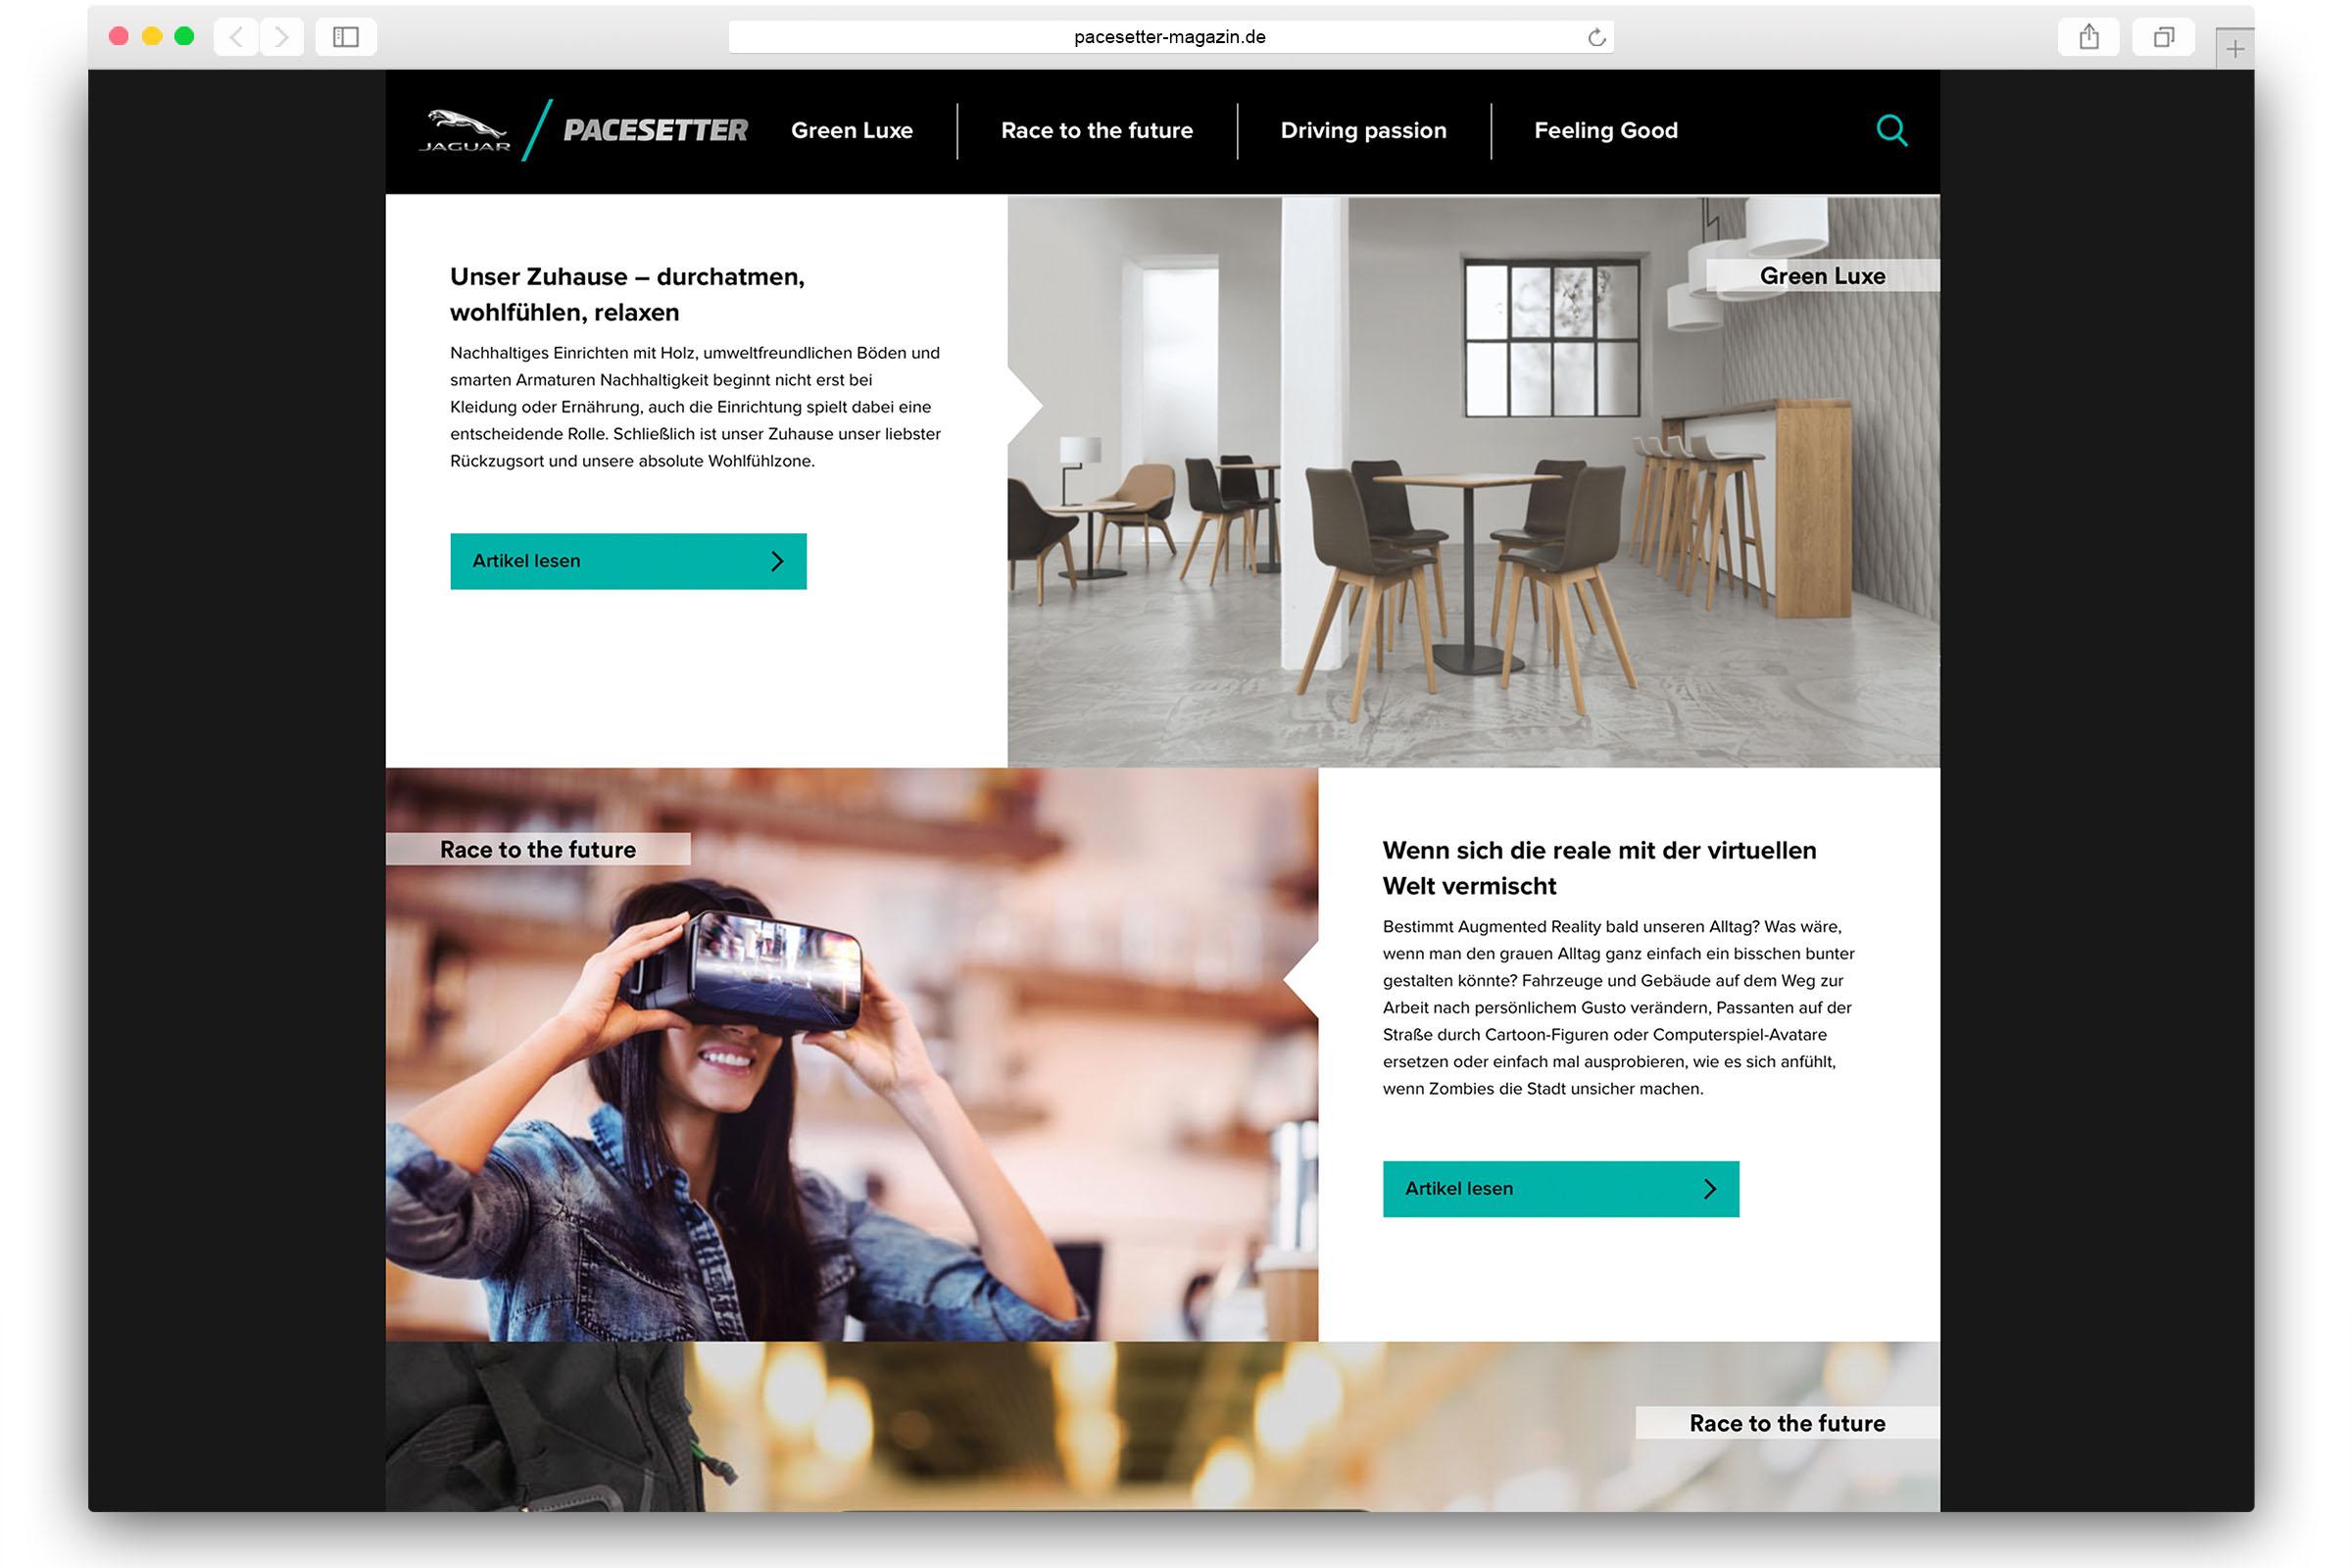 Jaguar-Pacesetter-Online-Magazin-Elektroauto-Ipace-Nachhaltigkeit-lewis pr-communication-nachhaltig einrichten